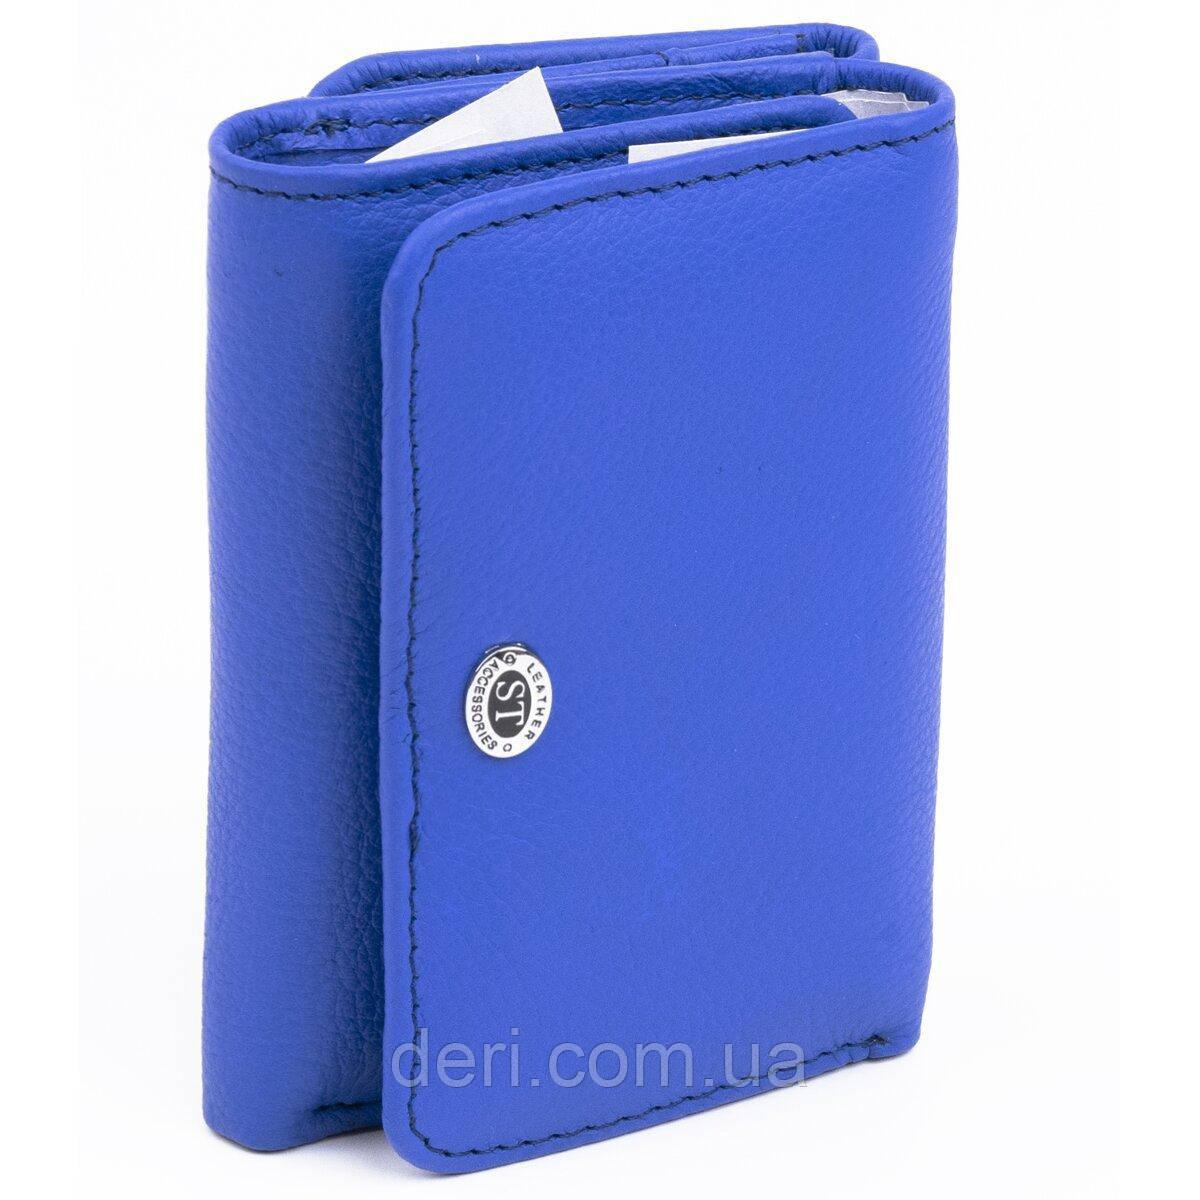 Оригинальный женский бумажник с монетницей голубой